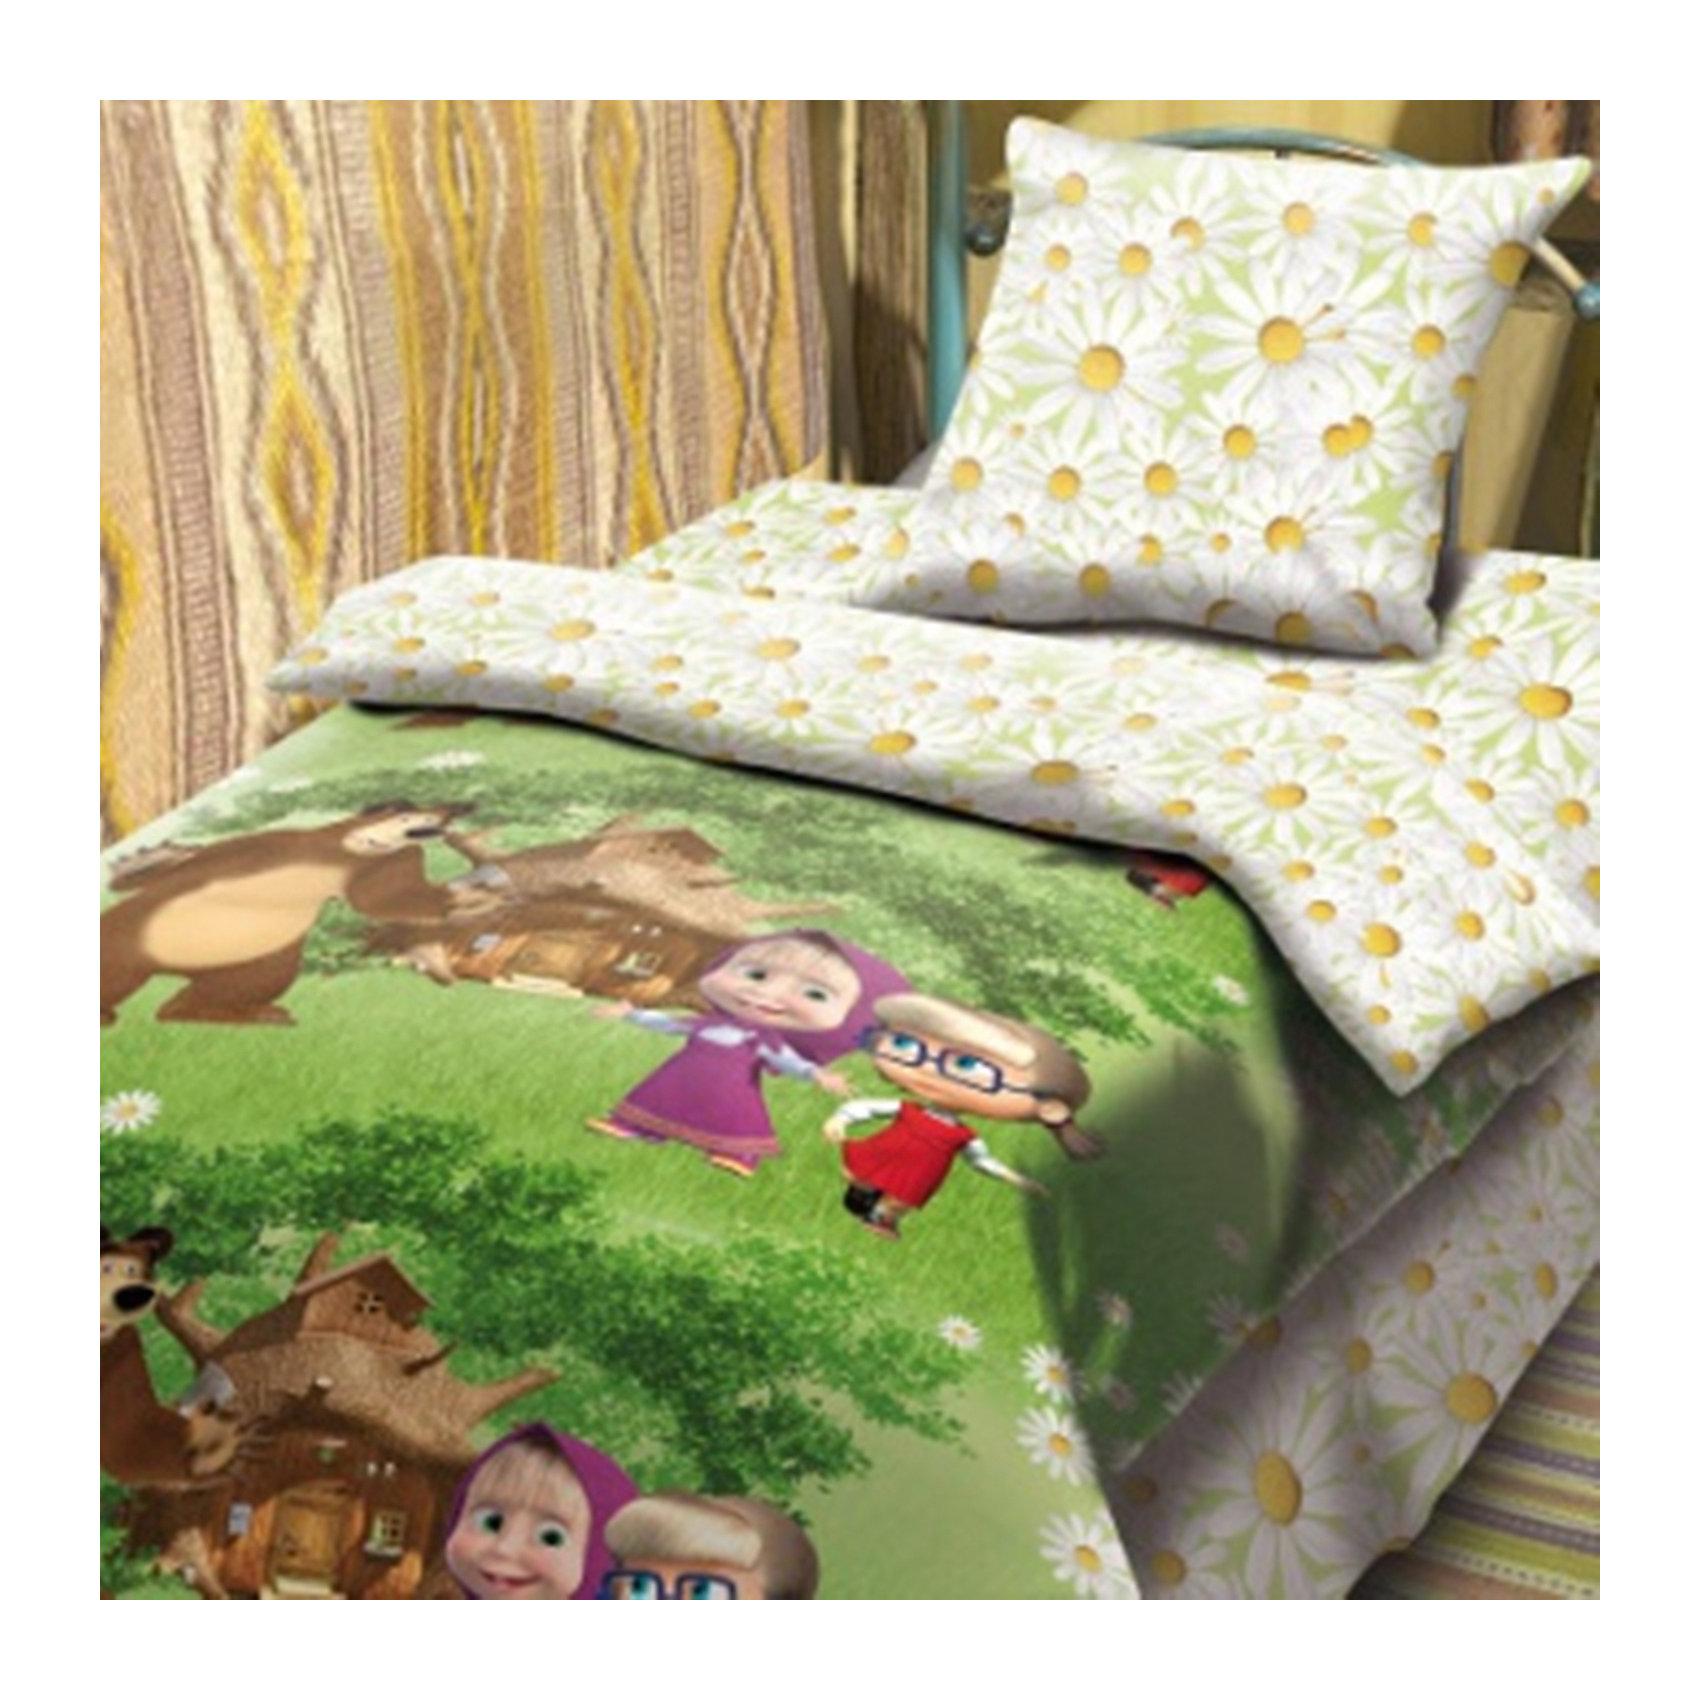 Комплект Двое на одного 1,5-спальный (наволочка 70*70), Маша и МедведьМаша и Медведь<br>Постельное бельё с героями популярного мультсериала Маша и Медведь обязательно порадует вашего ребенка и сможет стать прекрасным подарком на любой праздник. Изделие выполнено из высококачественного хлопка, прекрасно сохраняет форму и цвет после стирки, очень приятно к телу. При производстве ткани использованы гипоаллергенные красители, разрешенные для детского постельного белья. <br><br>Дополнительная информация:<br><br>- Комплектация: наволочка (1 шт.), простыня (1 шт.), пододеяльник (1 шт.).<br>- 1,5-спальный.<br>- Материал: бязь  (100% хлопок).<br>- Плотность ткани: 115 г/м2<br>- Размер: наволочка -  70х70 см, простыня - 214х150 см , пододеяльник - 215х 43 см.<br>- Стирка при 40°С.<br>- Декоративные элементы: принт.<br><br>Комплект Двое на одного 1,5-спальный (наволочка 70х70), Маша и Медведь, можно купить в нашем магазине.<br><br>Ширина мм: 250<br>Глубина мм: 350<br>Высота мм: 70<br>Вес г: 1500<br>Возраст от месяцев: 36<br>Возраст до месяцев: 144<br>Пол: Женский<br>Возраст: Детский<br>SKU: 4358356